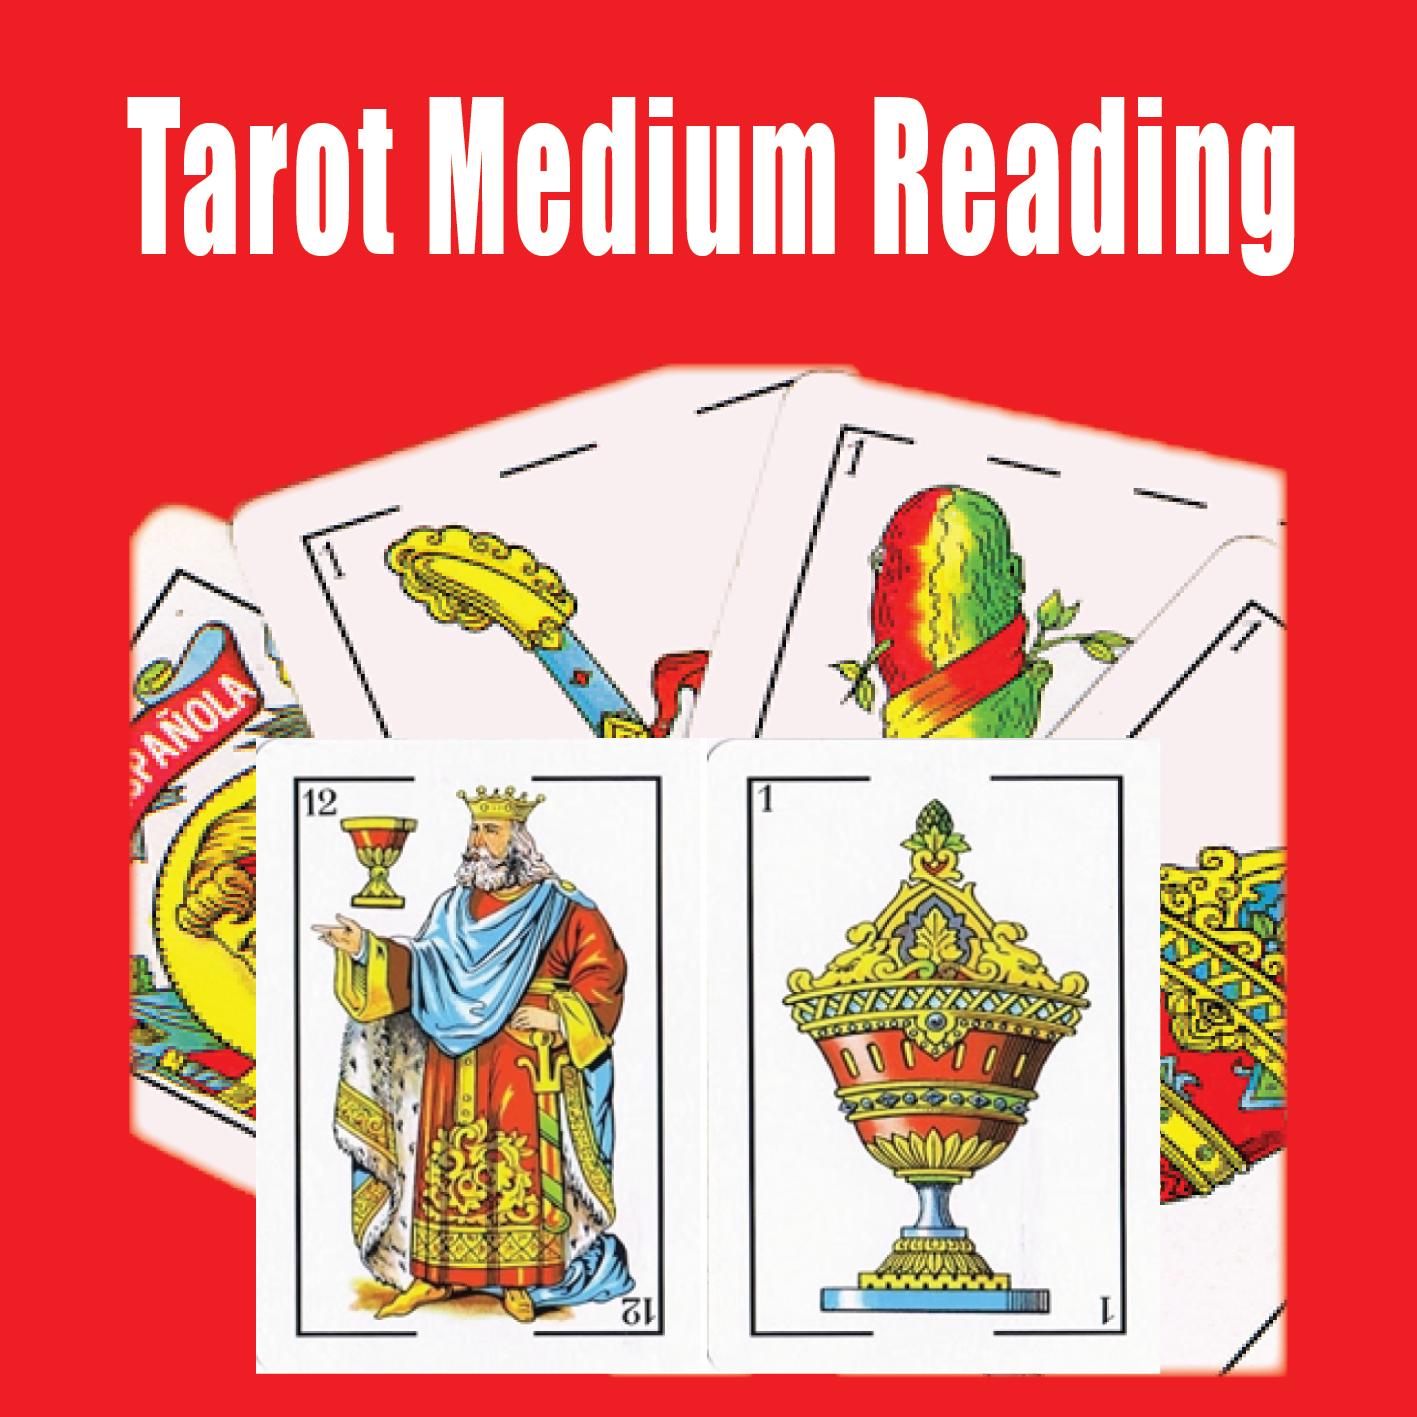 Tarot Medium Reading